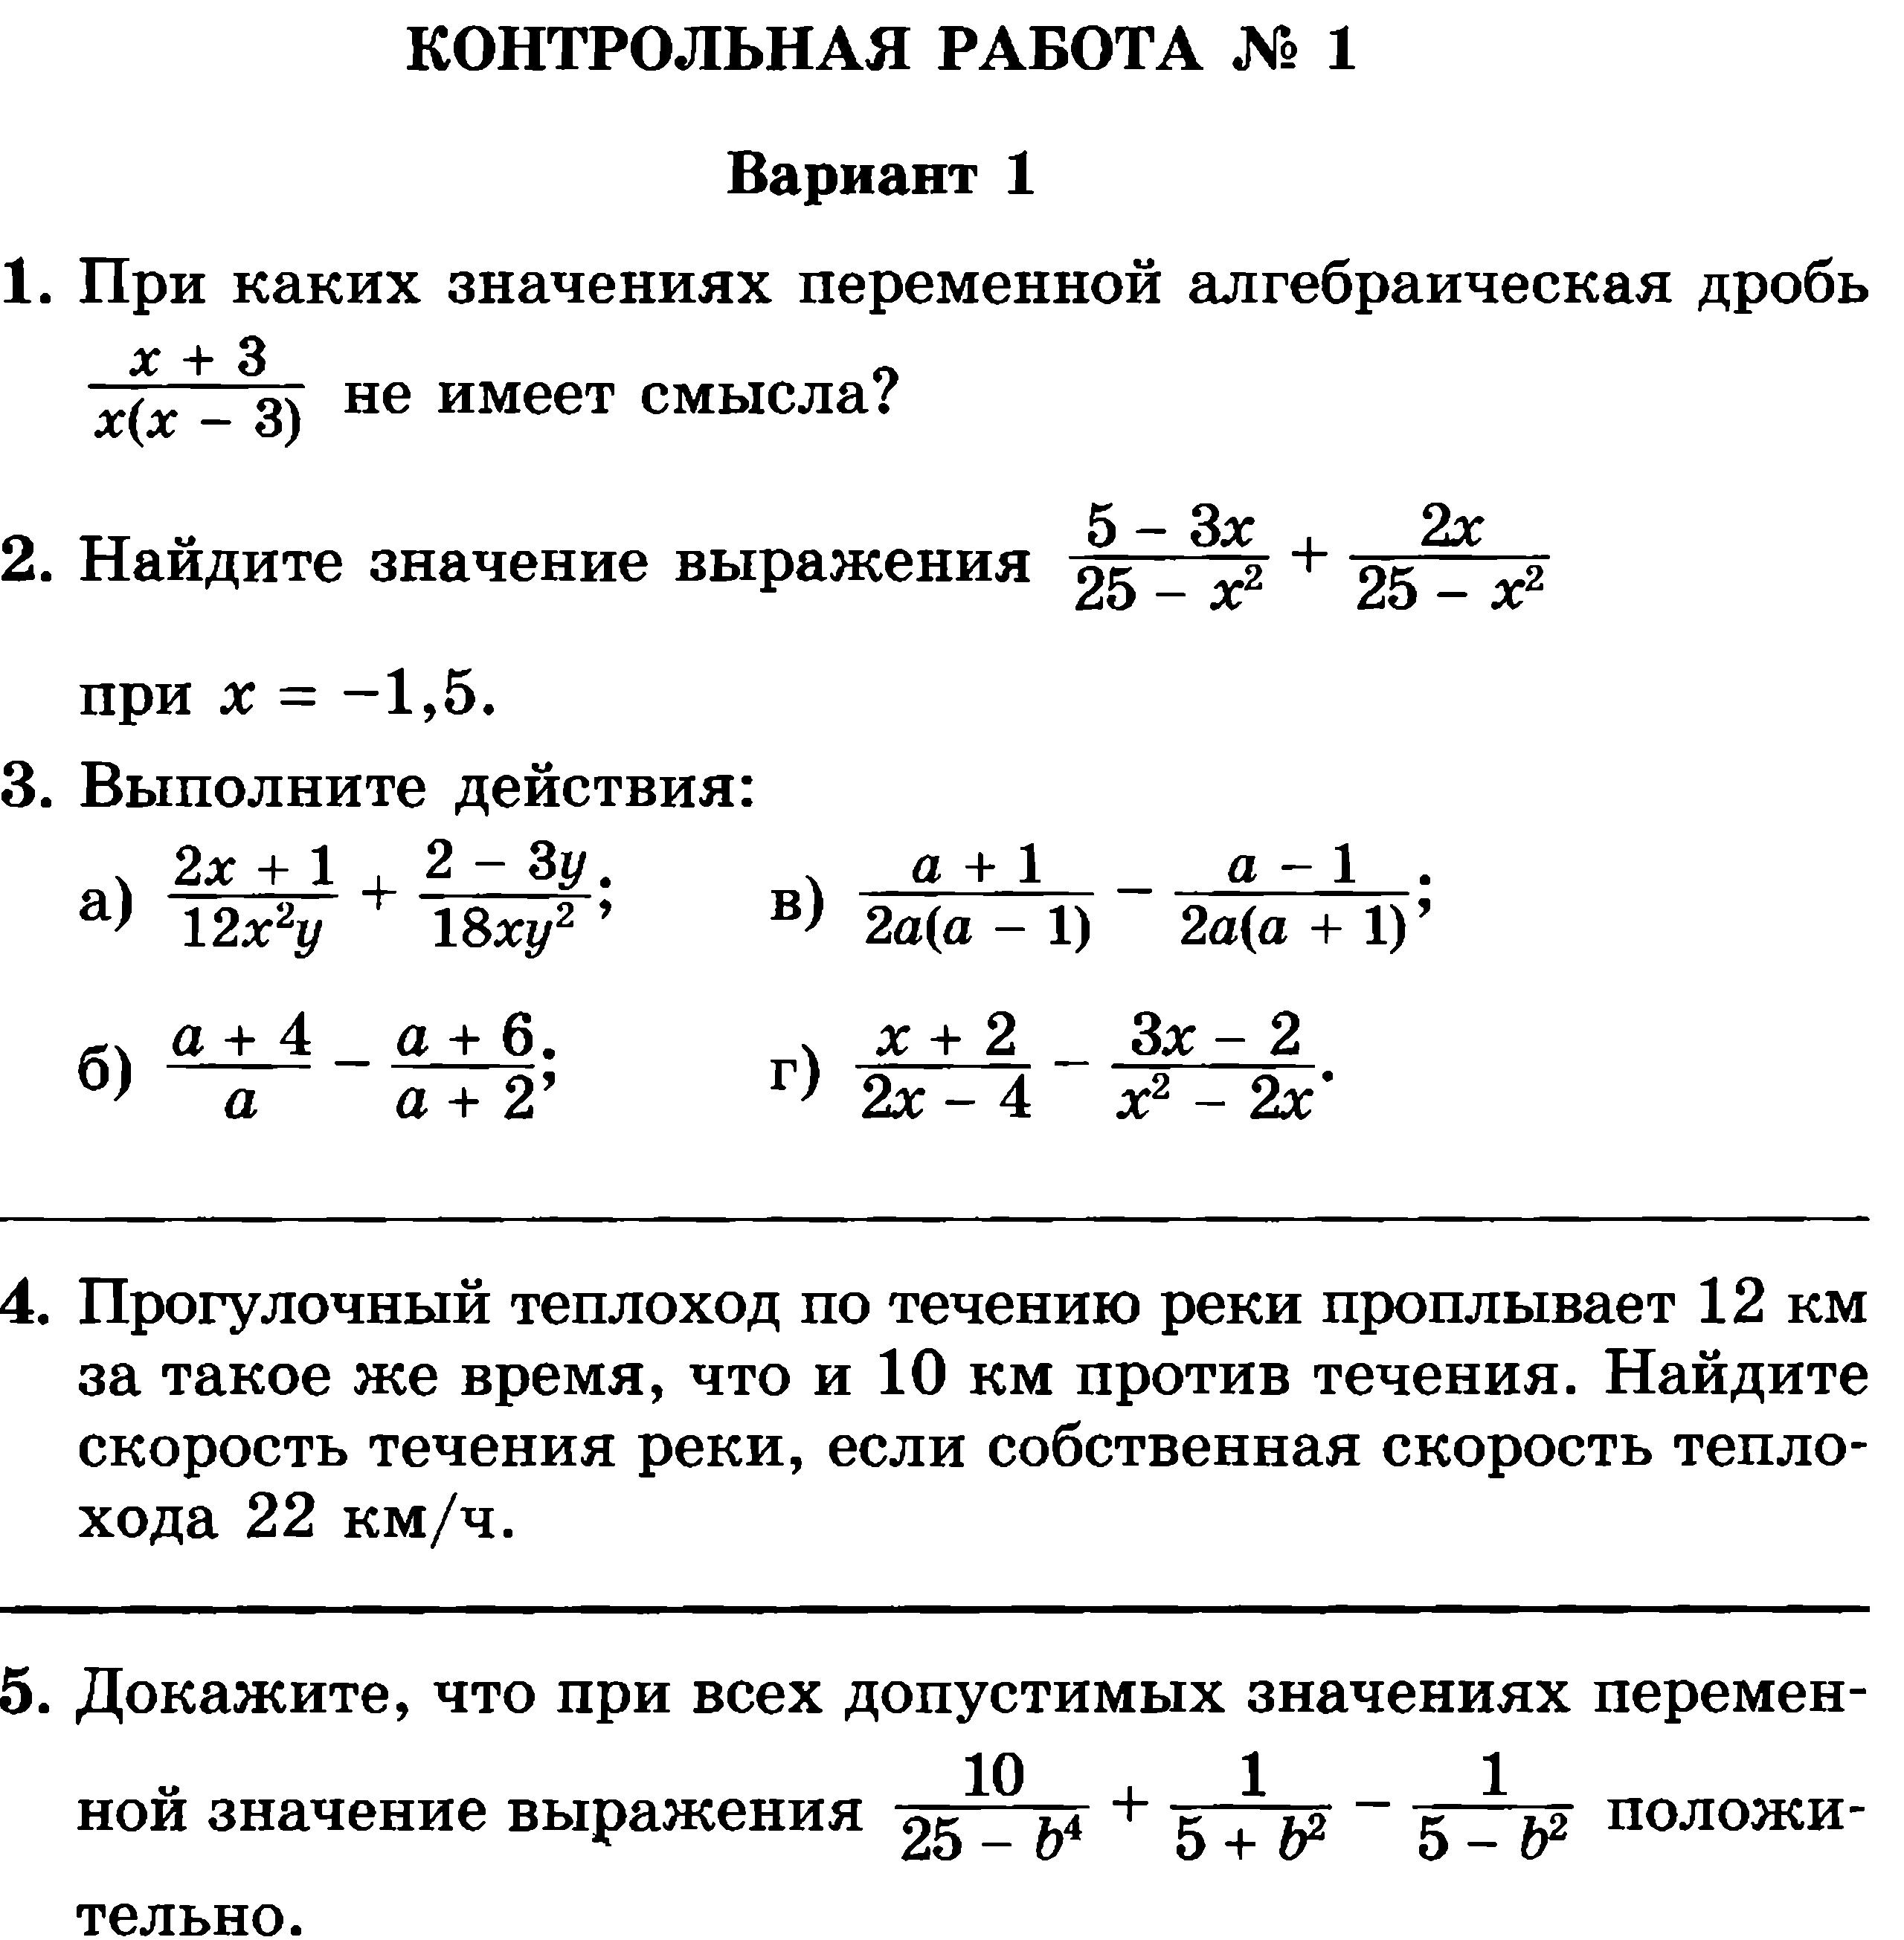 Контрольная работа по математике 4 класс за 1 полугодие 2 четверть ао системе занкова